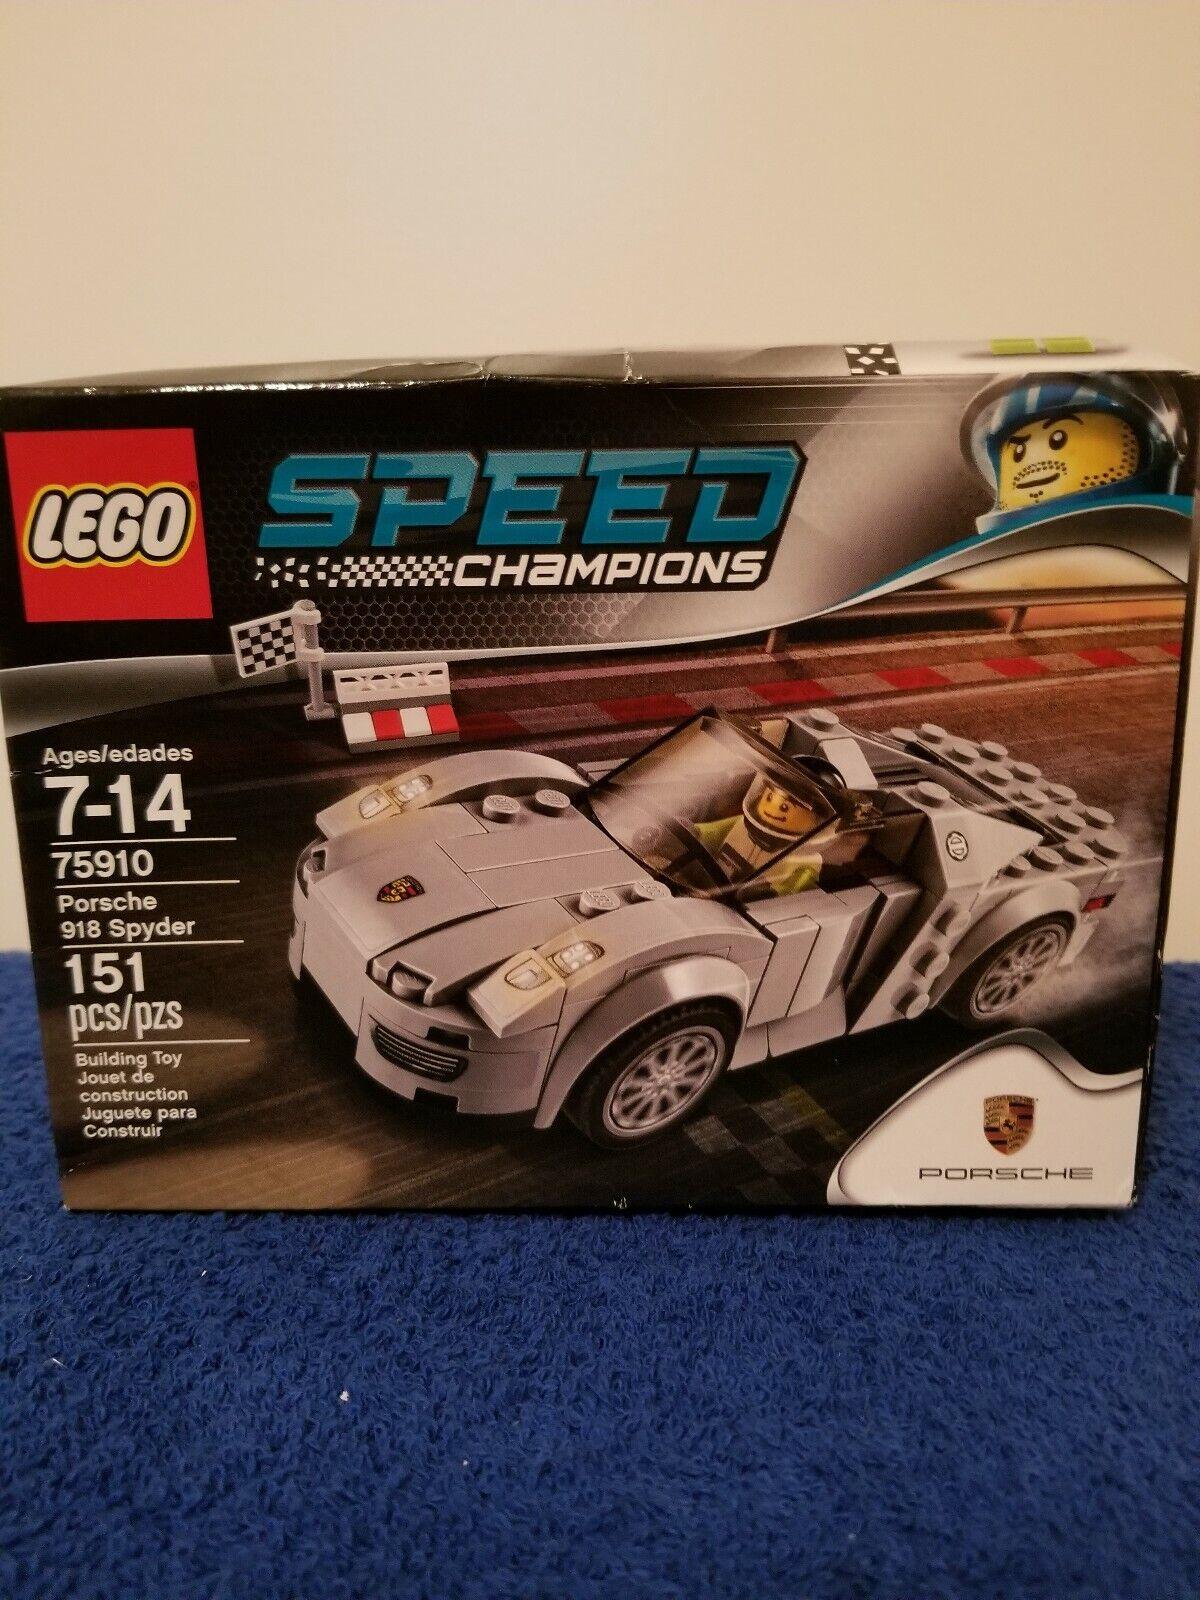 merce di alta qualità e servizio conveniente e onesto LEGO PORSCHE 75910 SPYDER 918 FACTORY SEALED     prendiamo i clienti come nostro dio